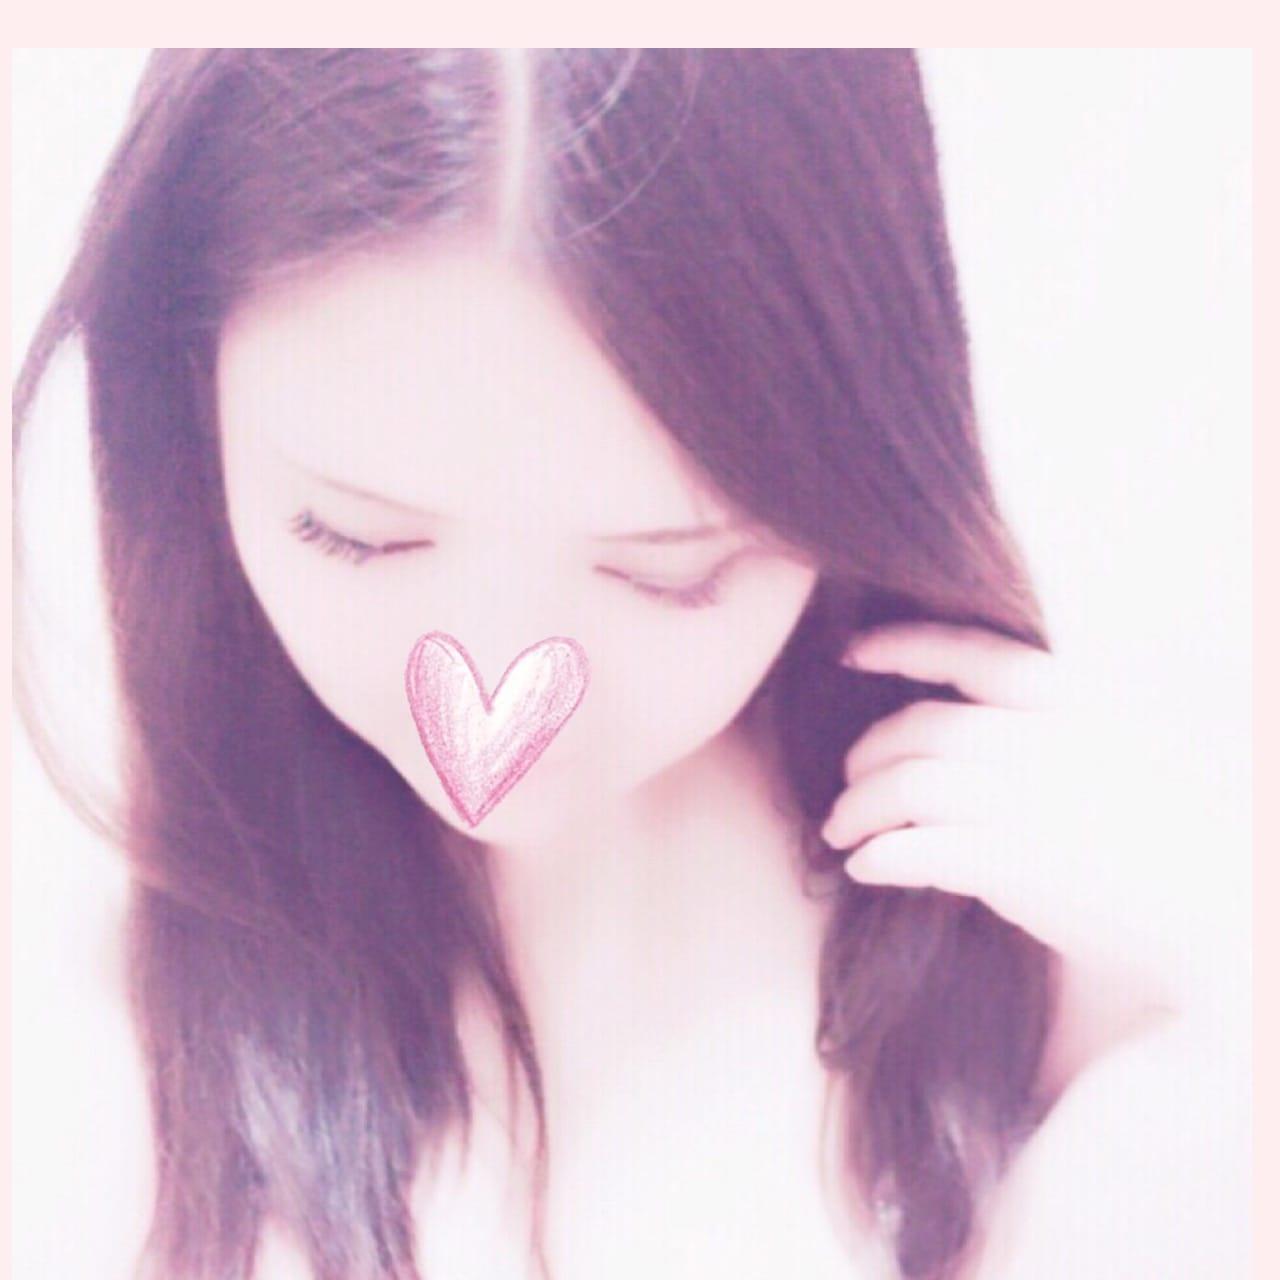 なみ「こんばんは♪( ´▽`)」06/21(水) 23:31 | なみの写メ・風俗動画